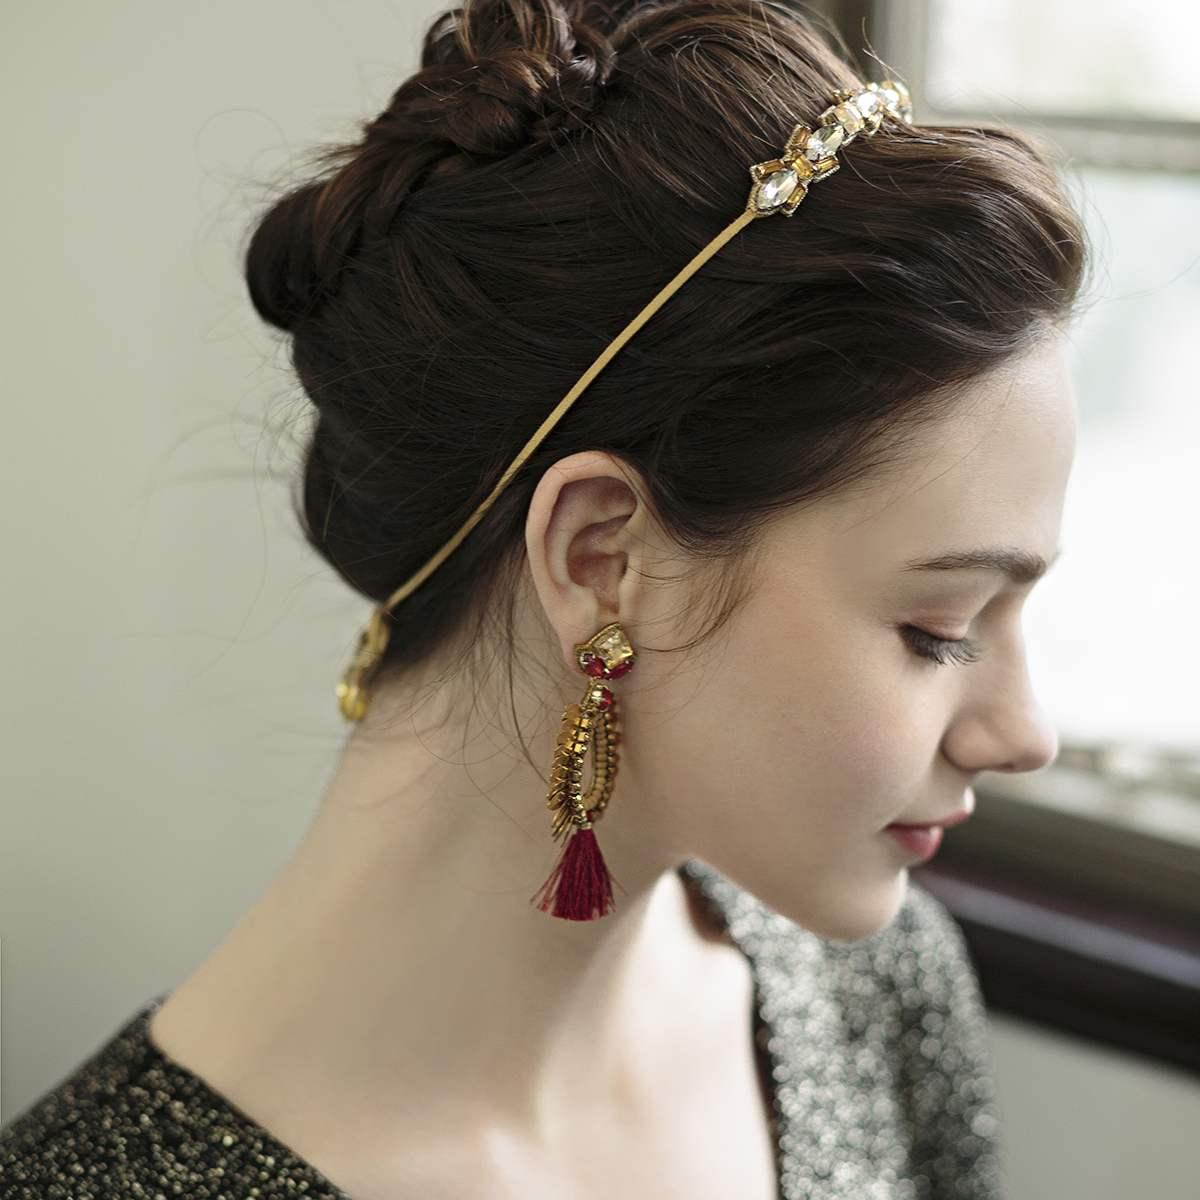 美国DeepaGurnani手工制作两色水晶玻璃环状羽簇流苏耳环现货